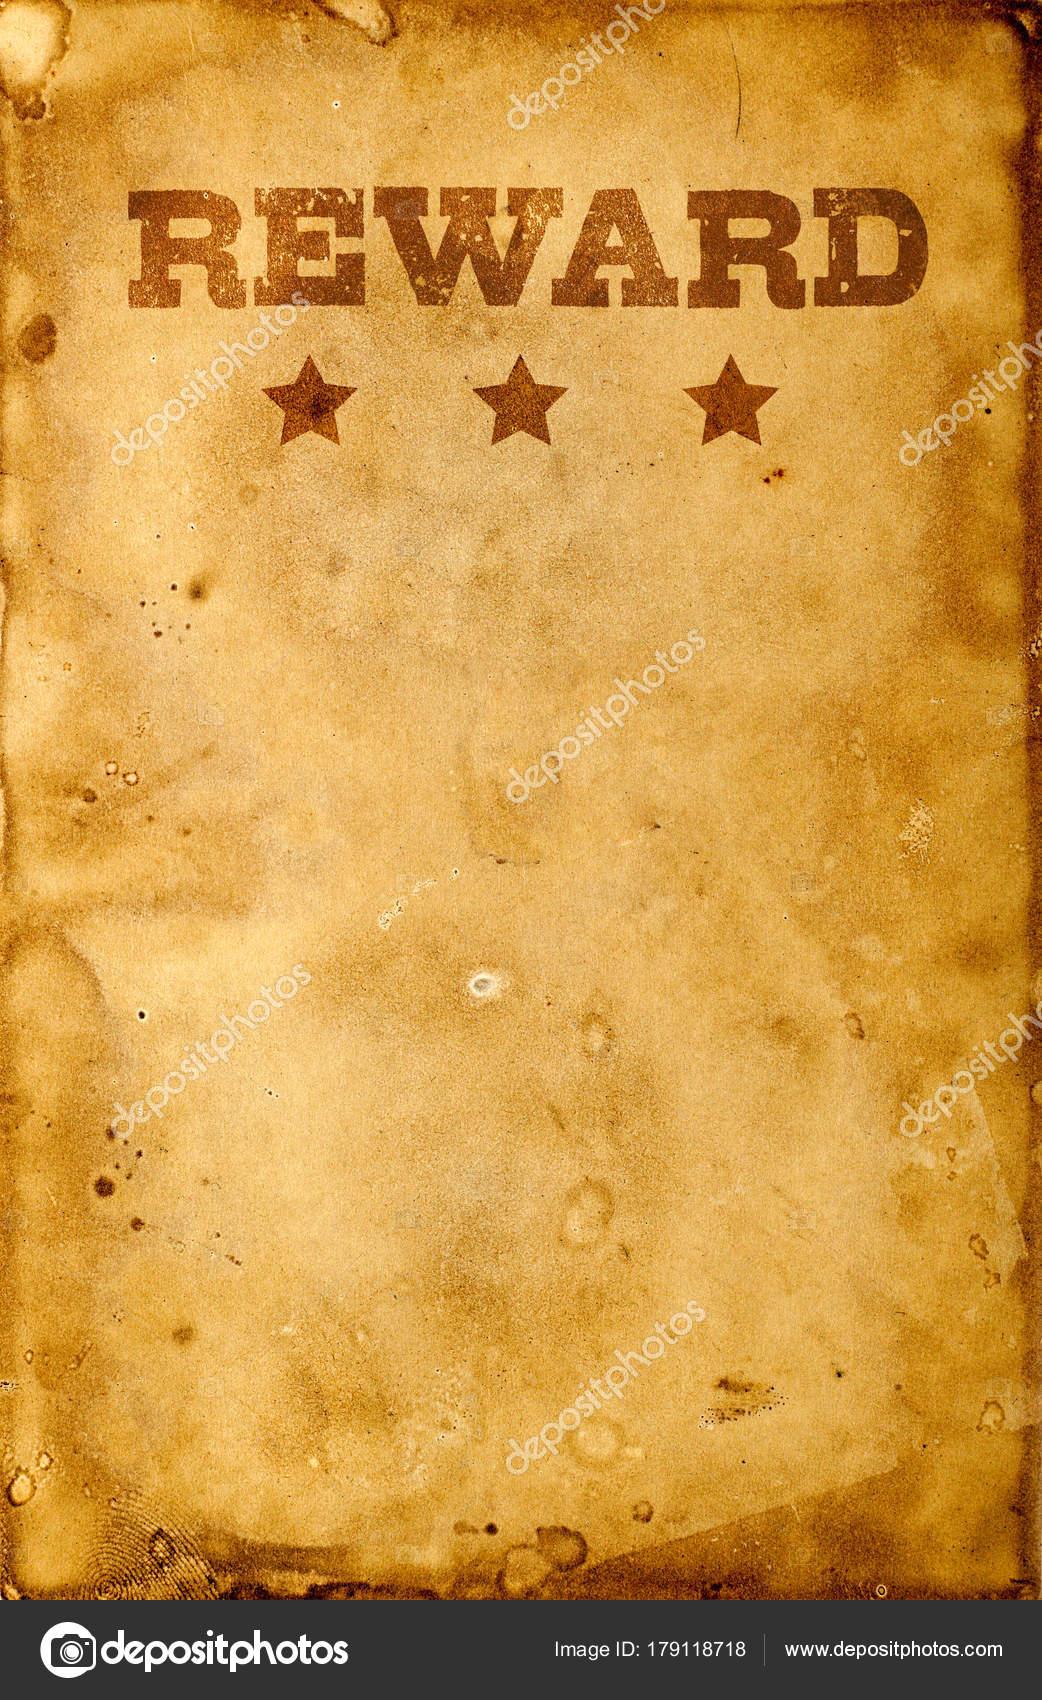 reward poster on white stock photo goir 179118718